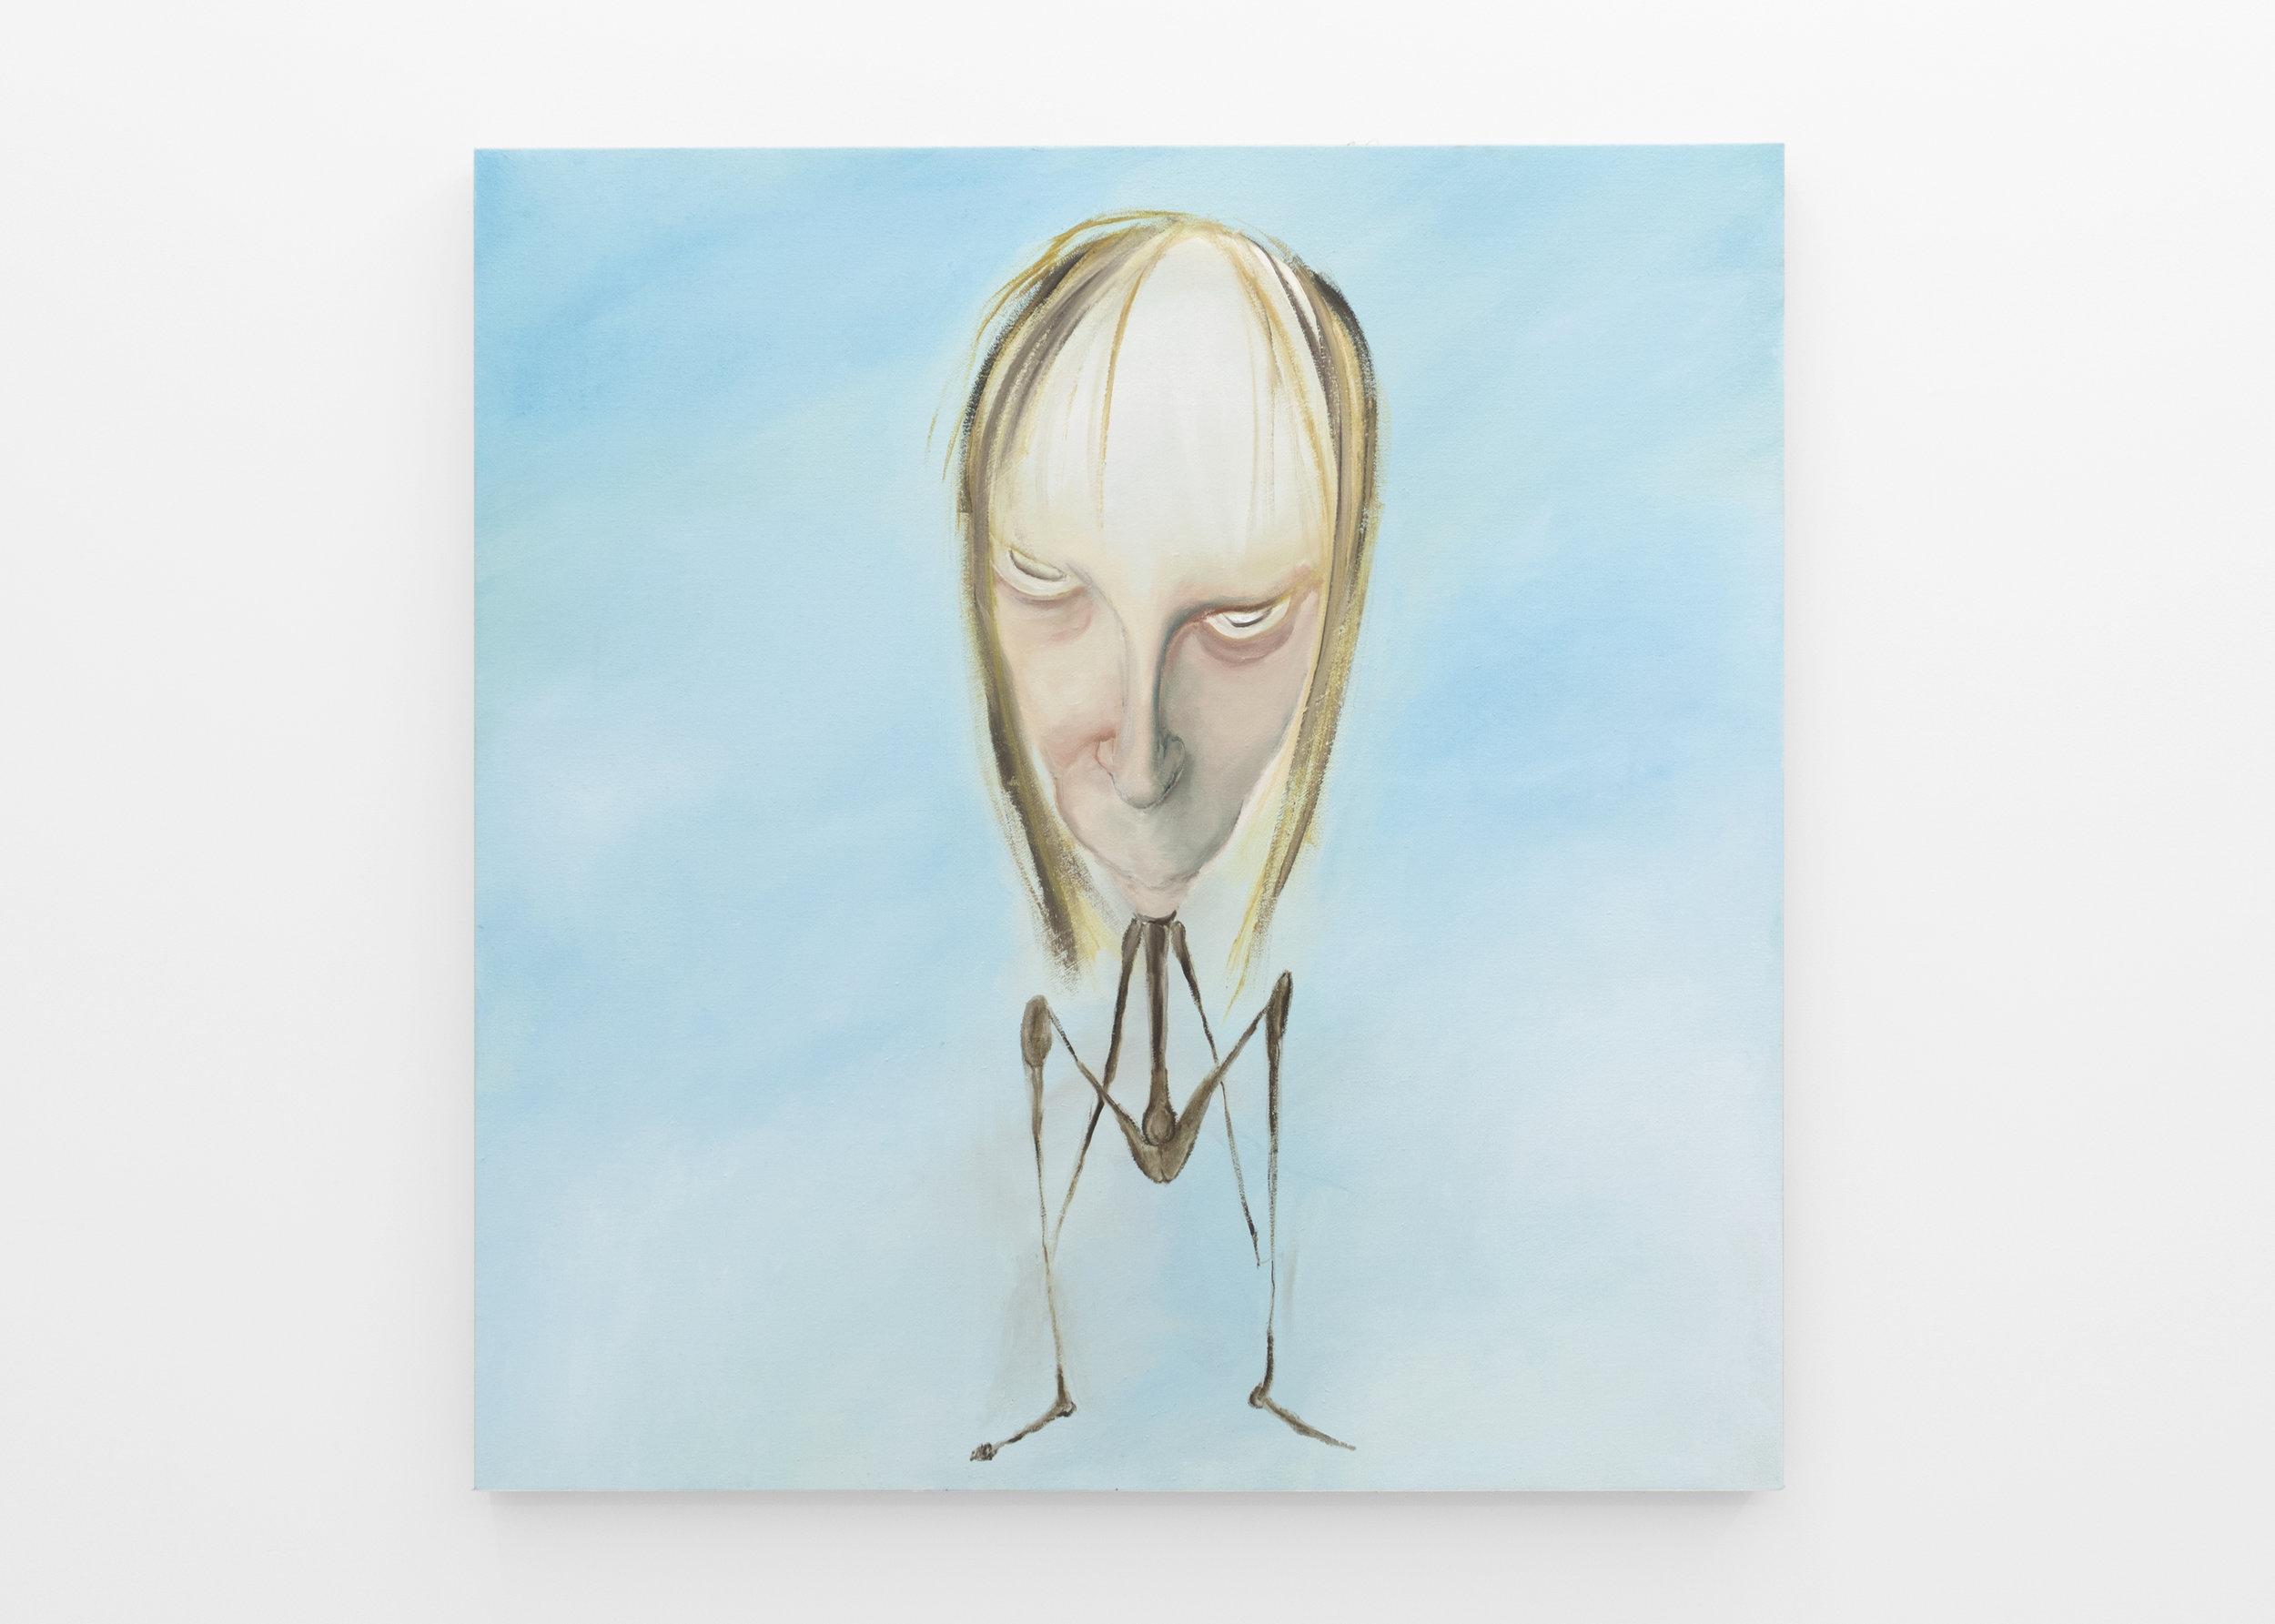 Kira Scerbin,  Little Hopper , 2019. Oil on linen